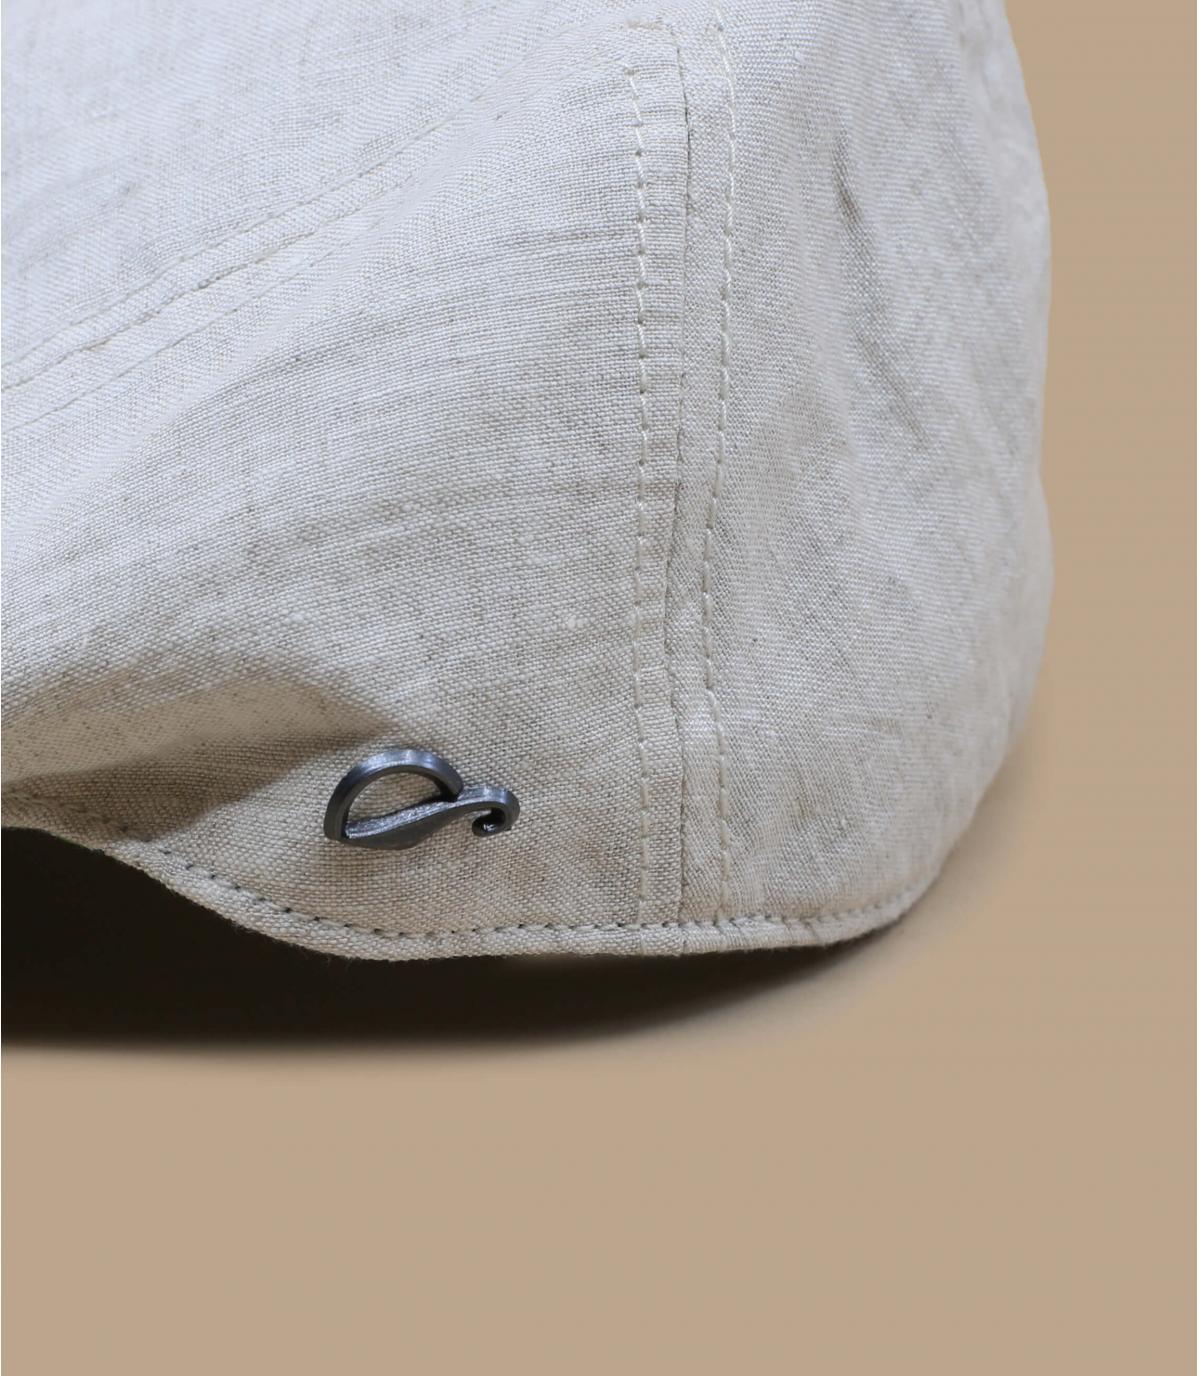 Détails Oxford Linen beige - image 2